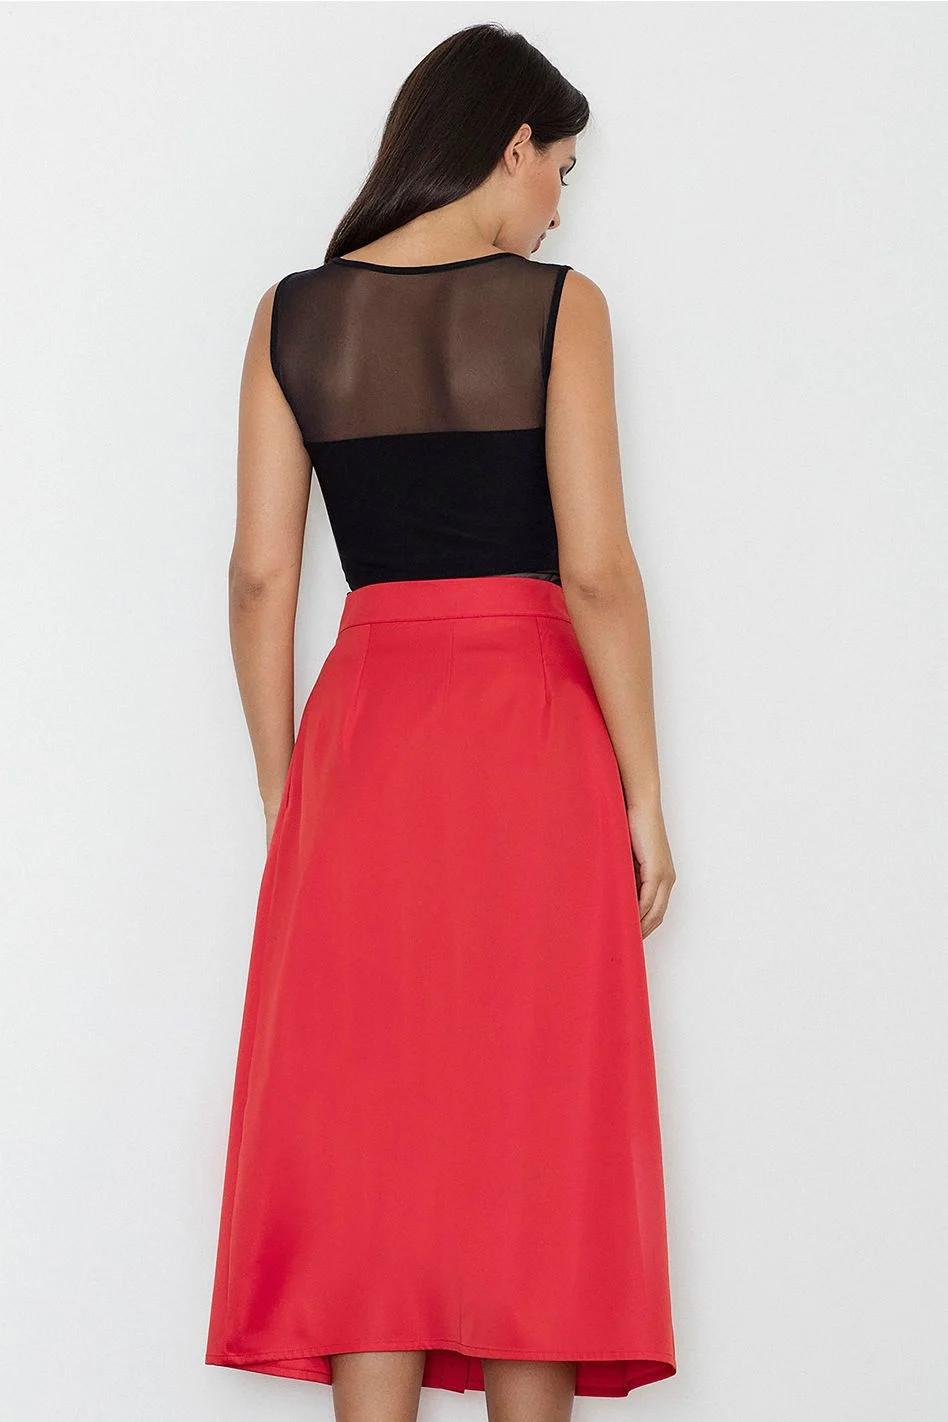 Dámská sukně M554 - Figl - Tmavě modrá/L-40